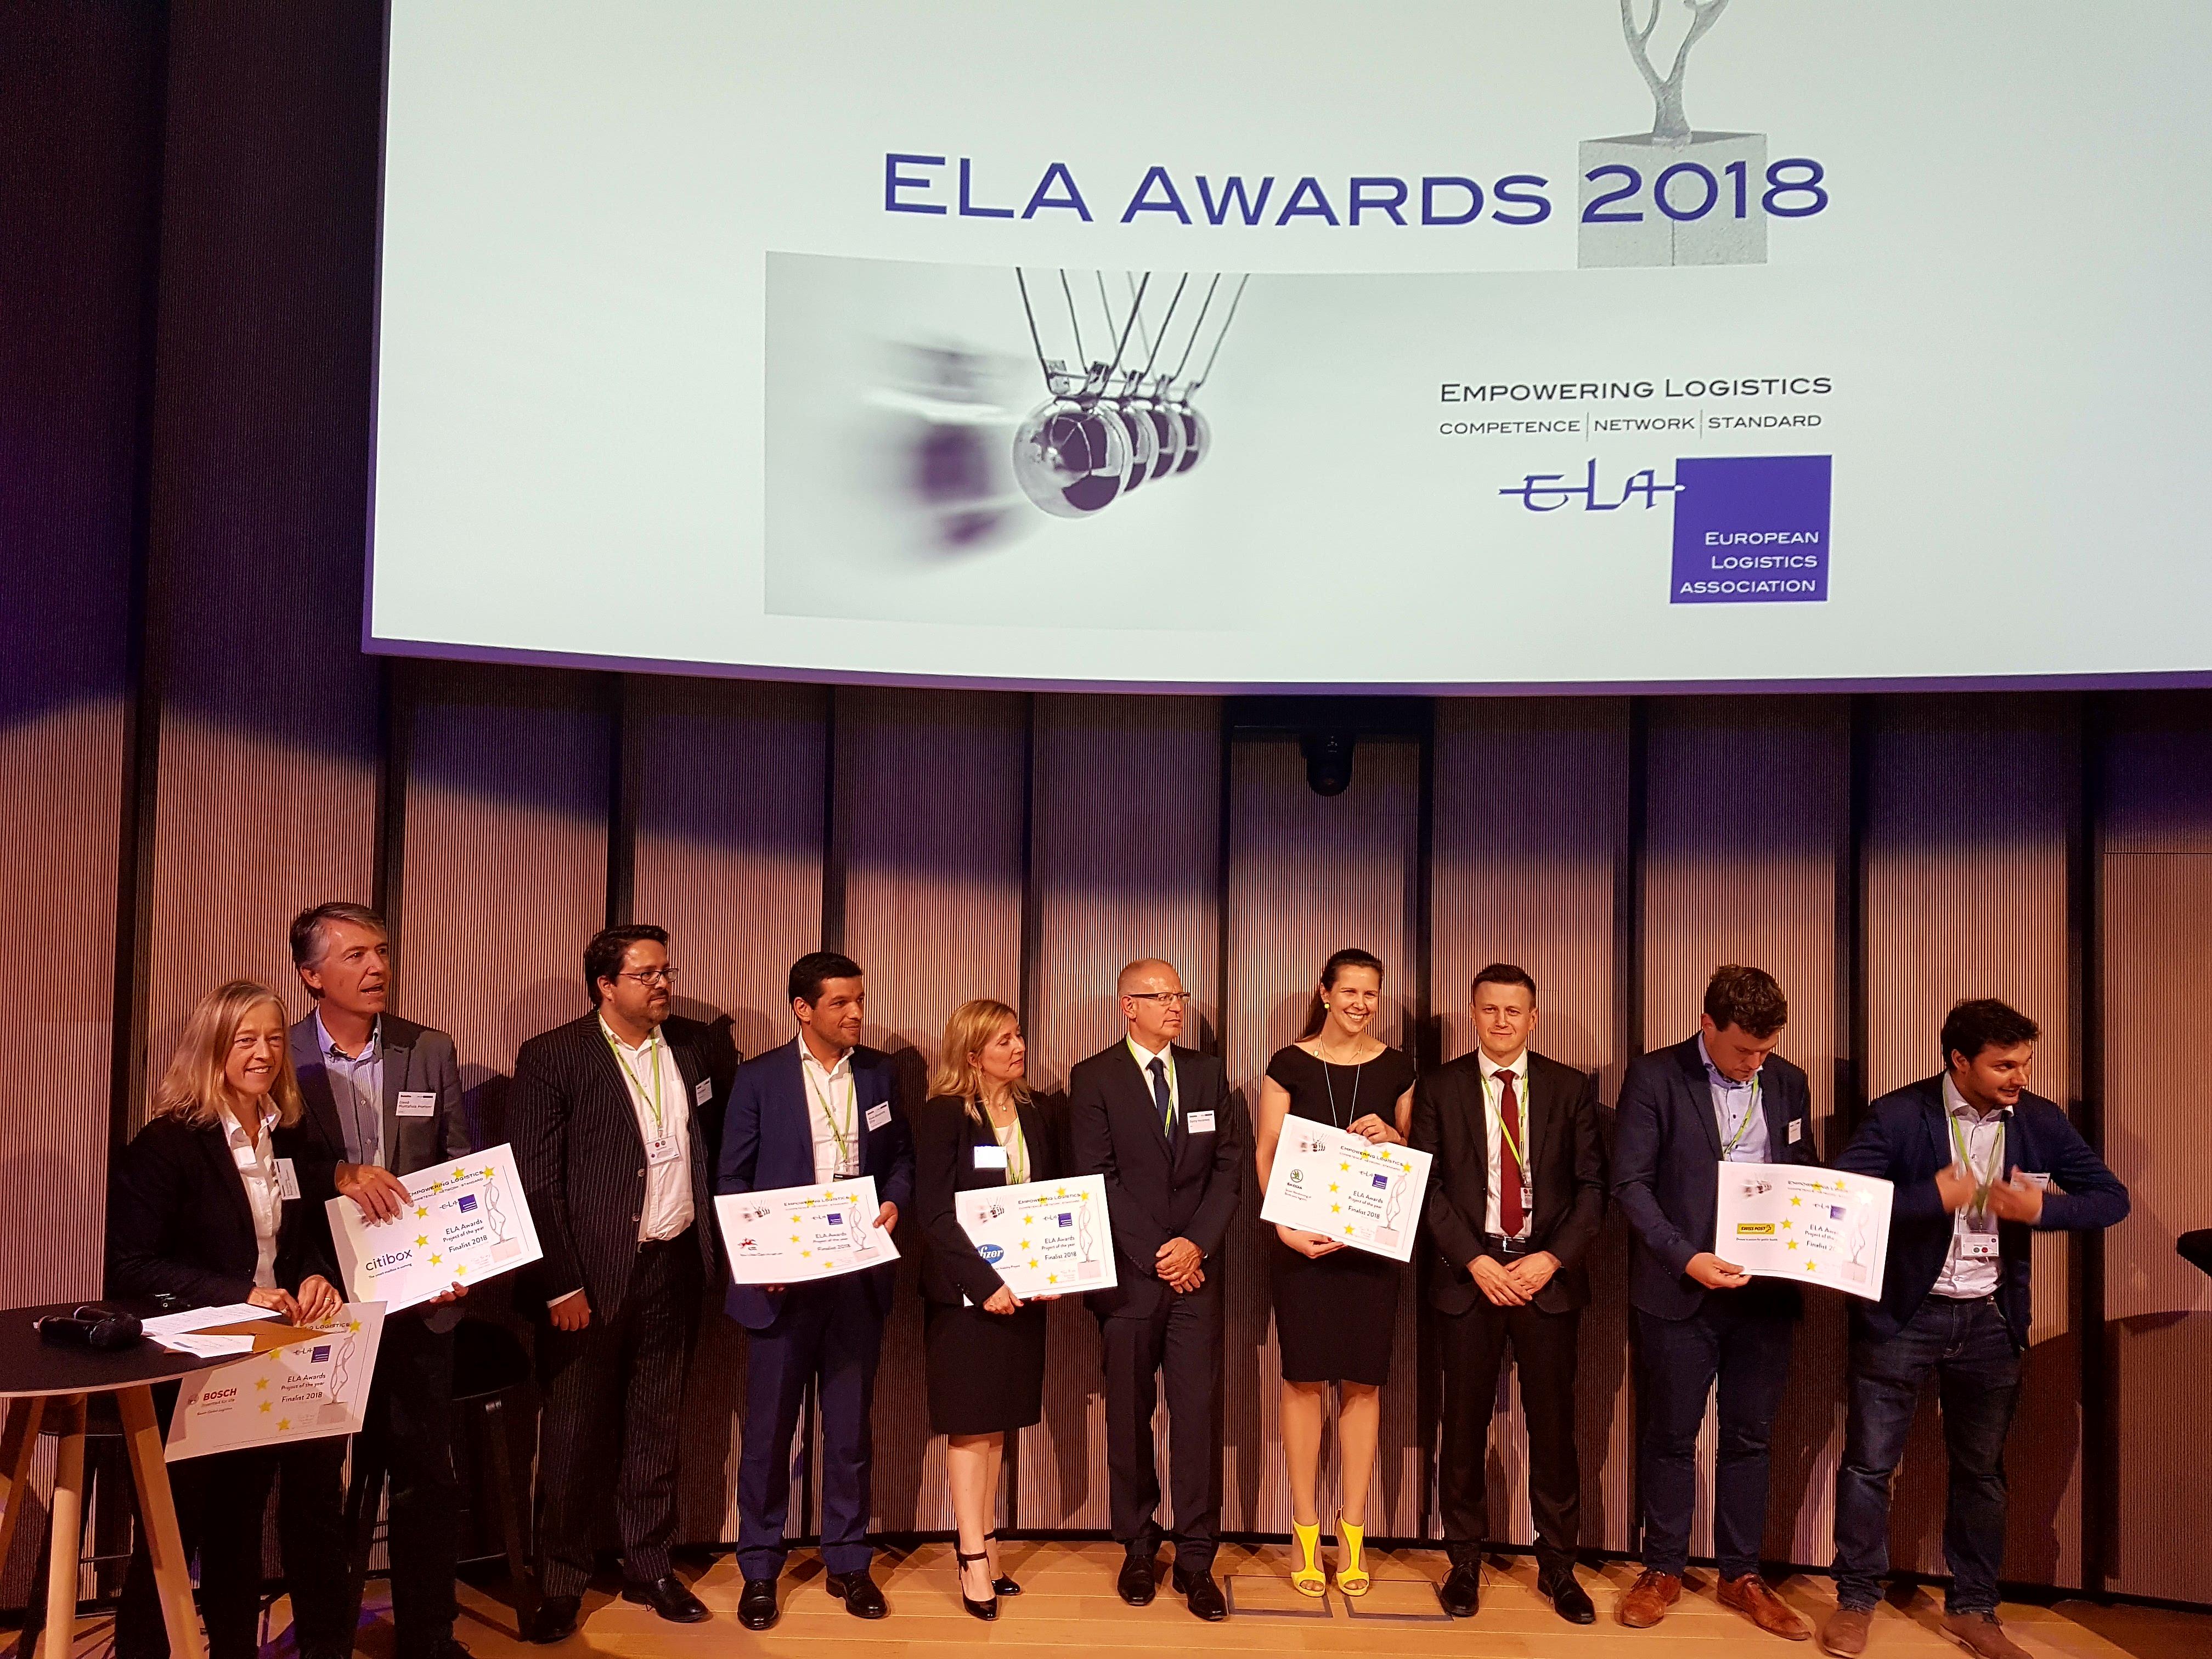 Nejlepší logistické projekty - ELA AWARD 2018